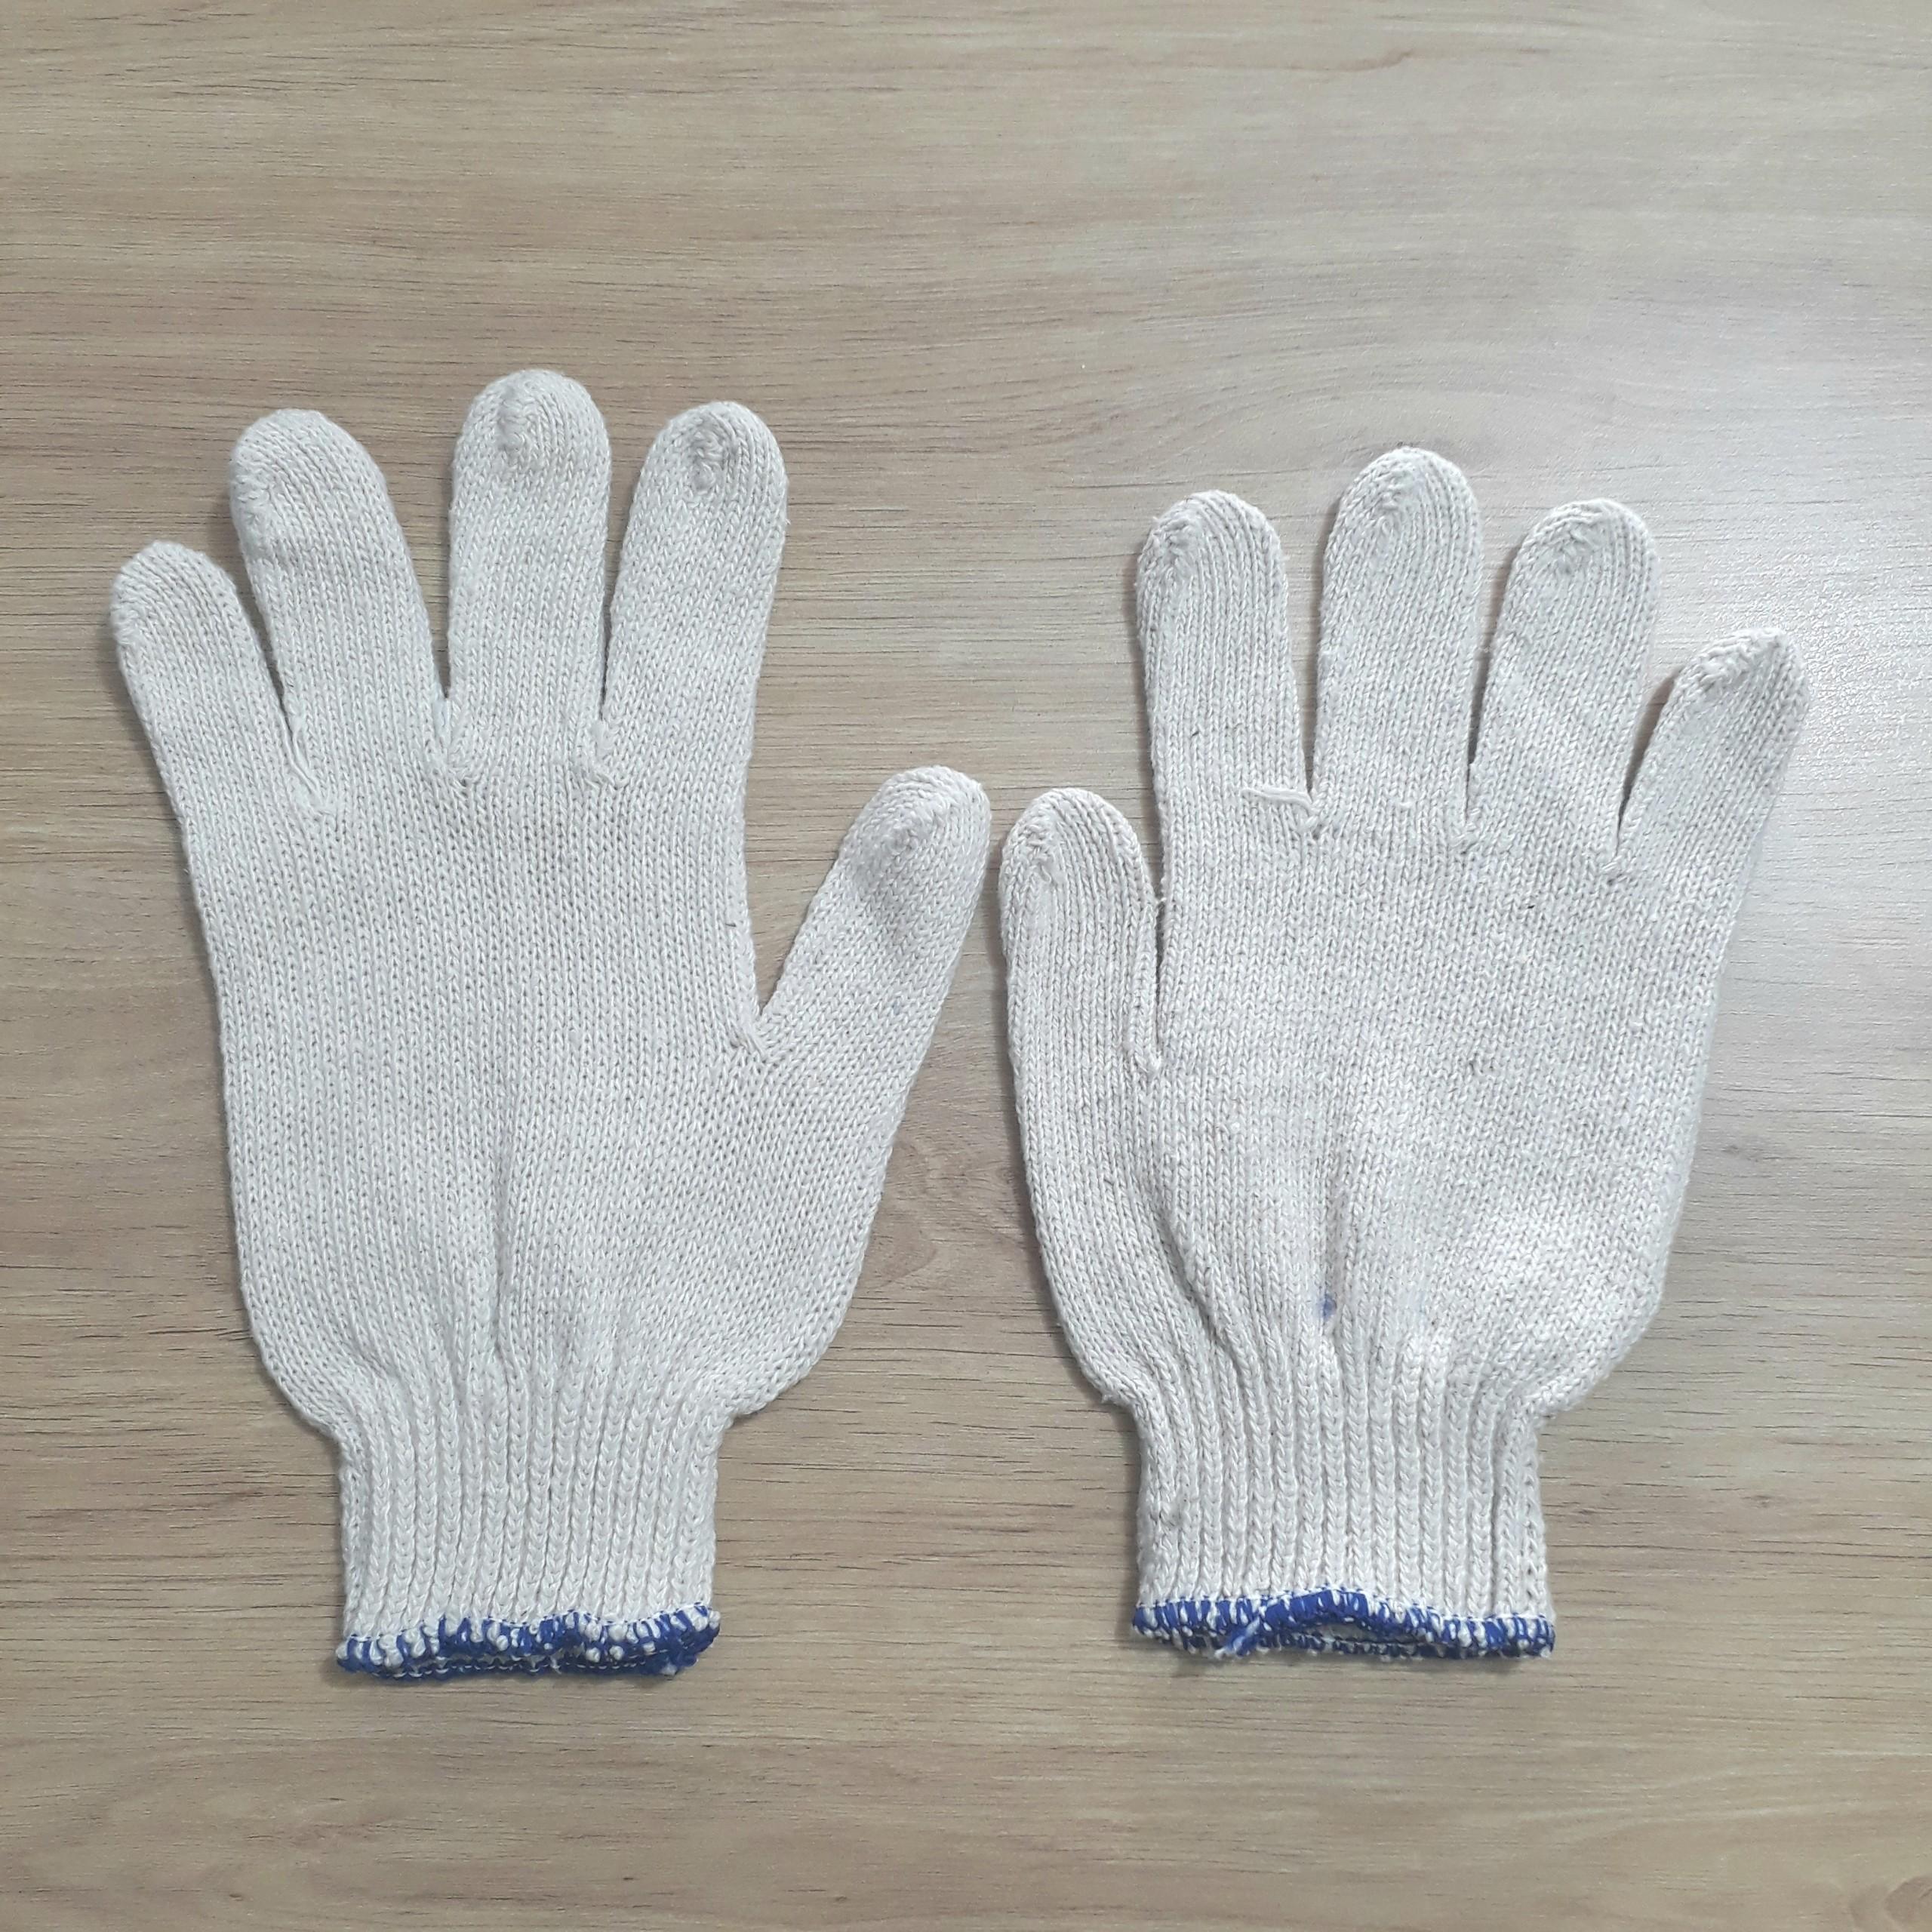 Găng tay ngà phủ hạt cam 70g  VietNam   Giá rẻ nhất - Công Ty TNHH Thương Mại Dịch Vụ Đạt Tâm